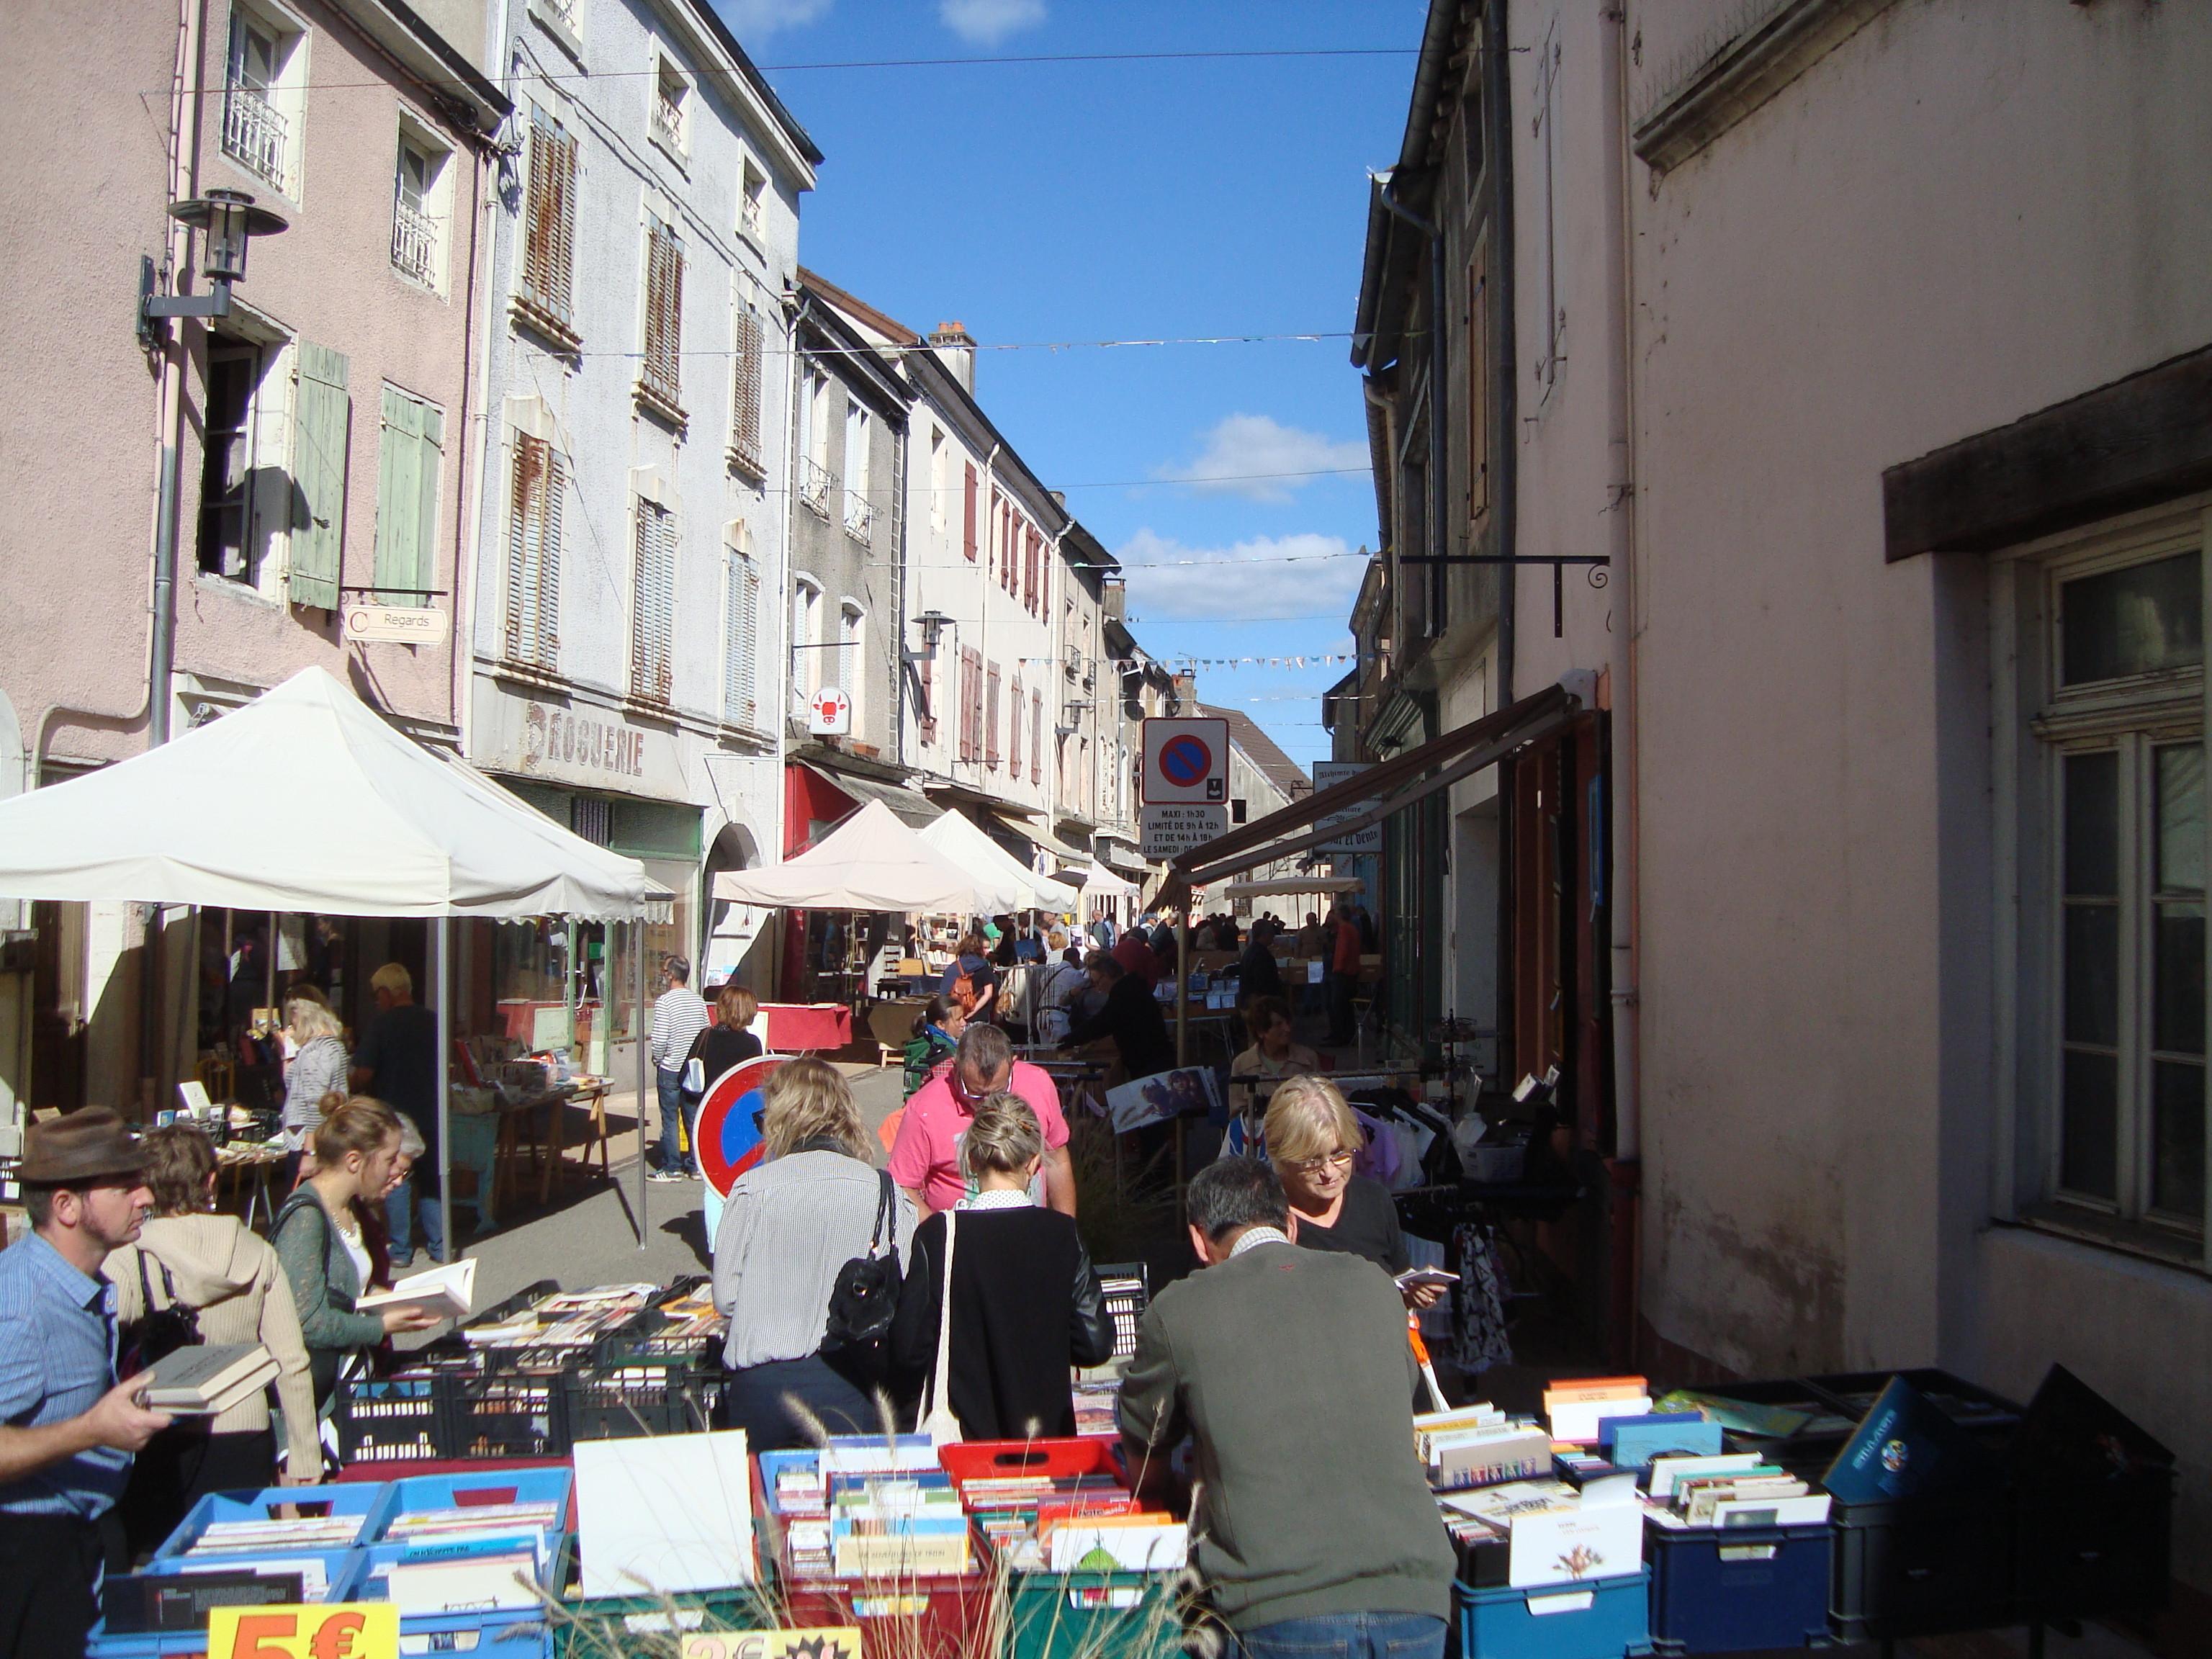 Villes et villages du livre